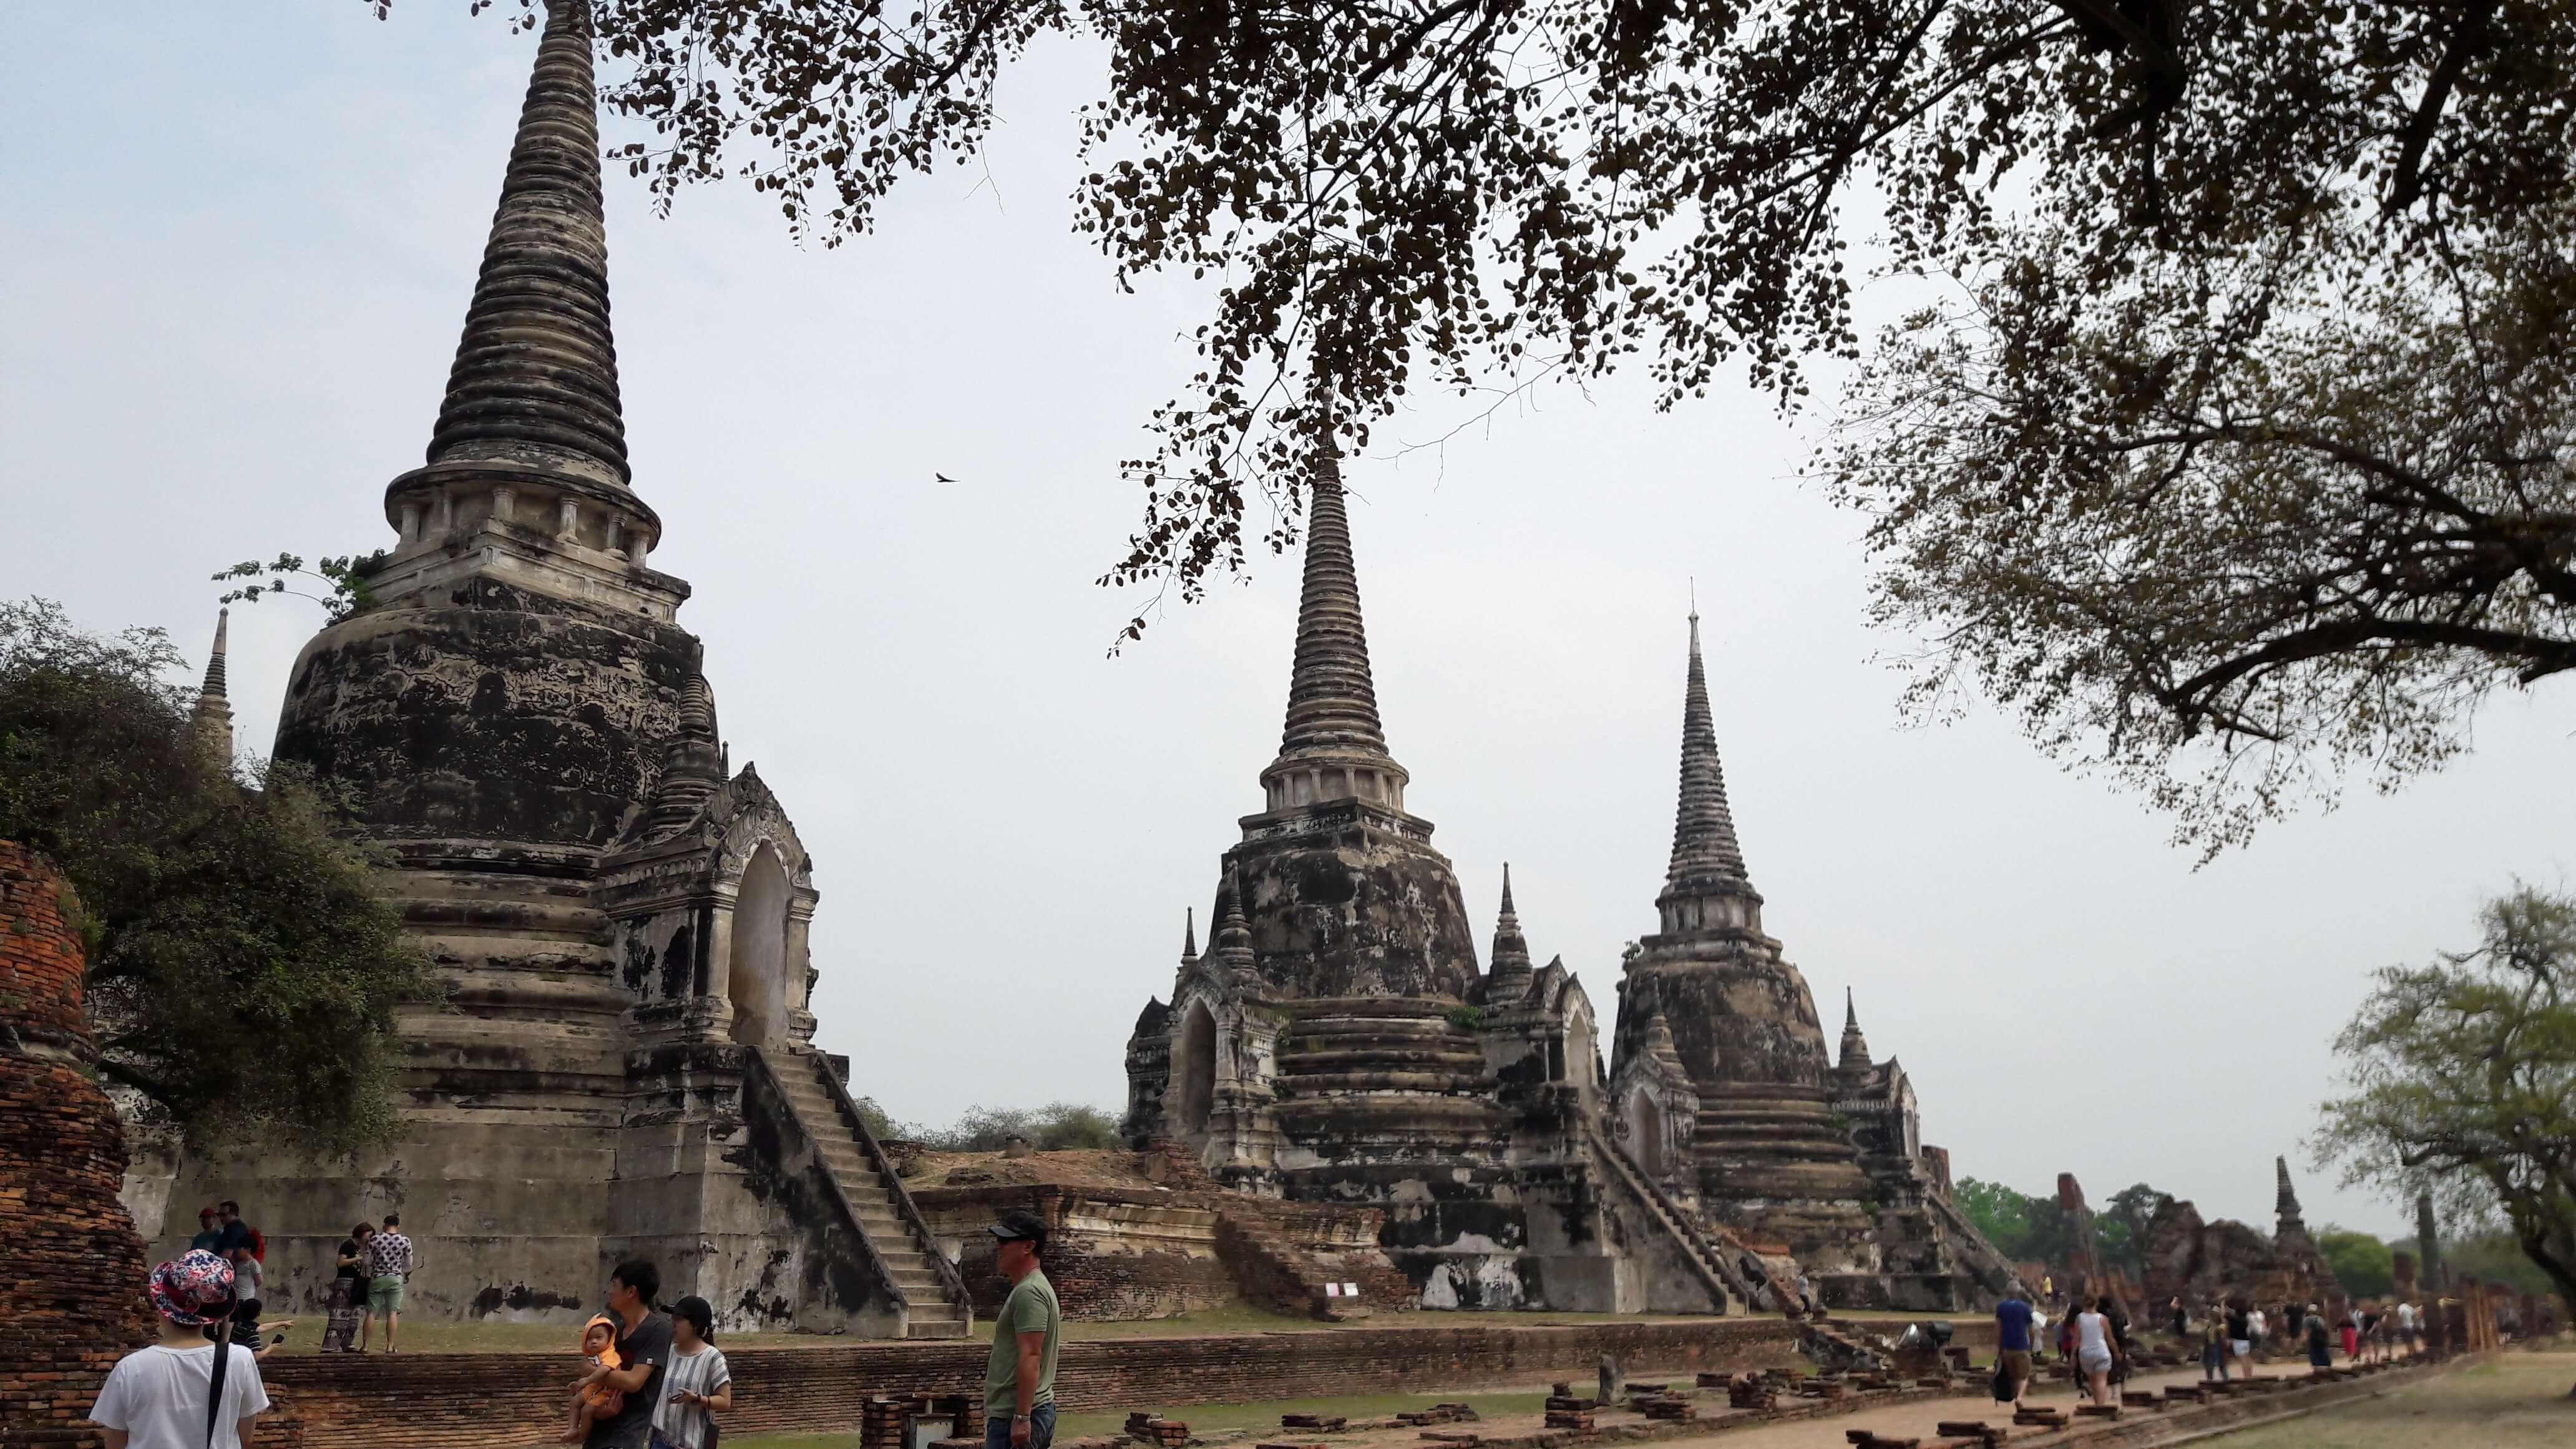 wat phra sin sanphet ayutthaya